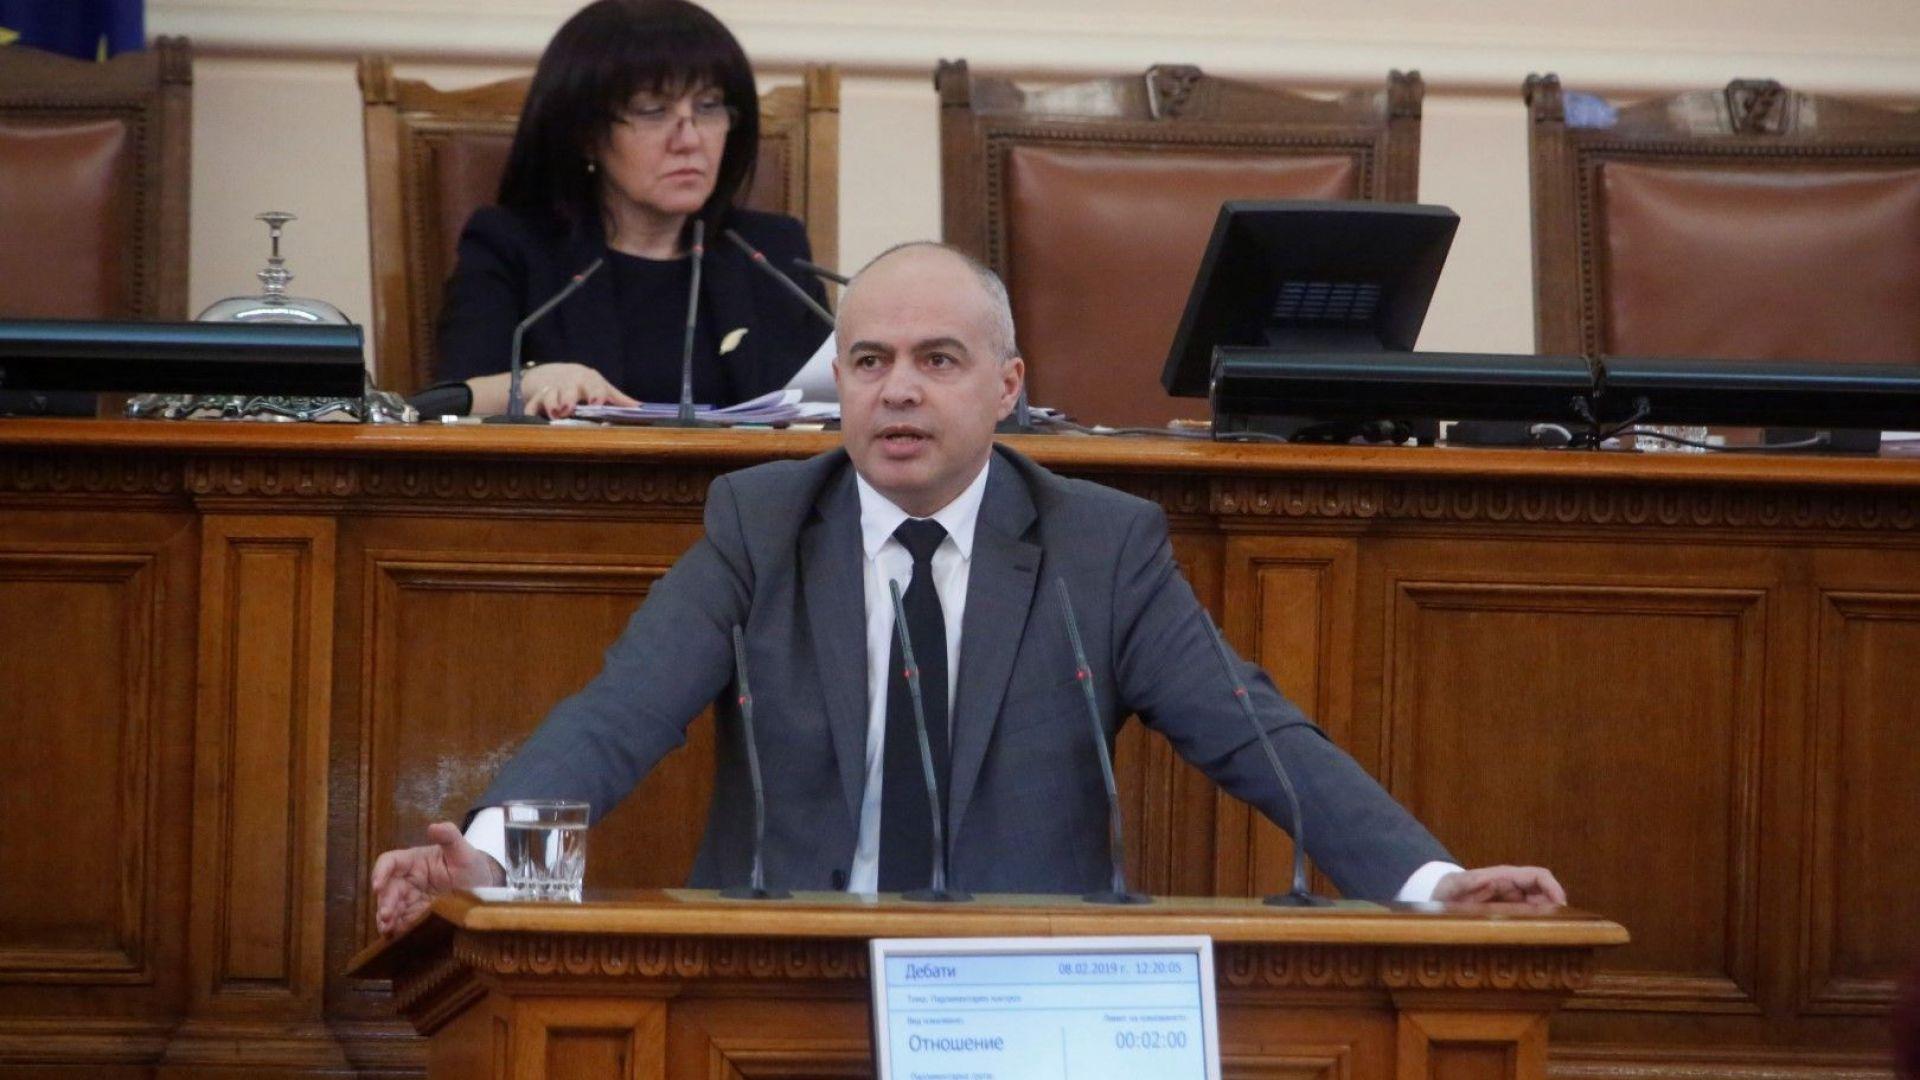 Георги Свиленски, депутат от БСП